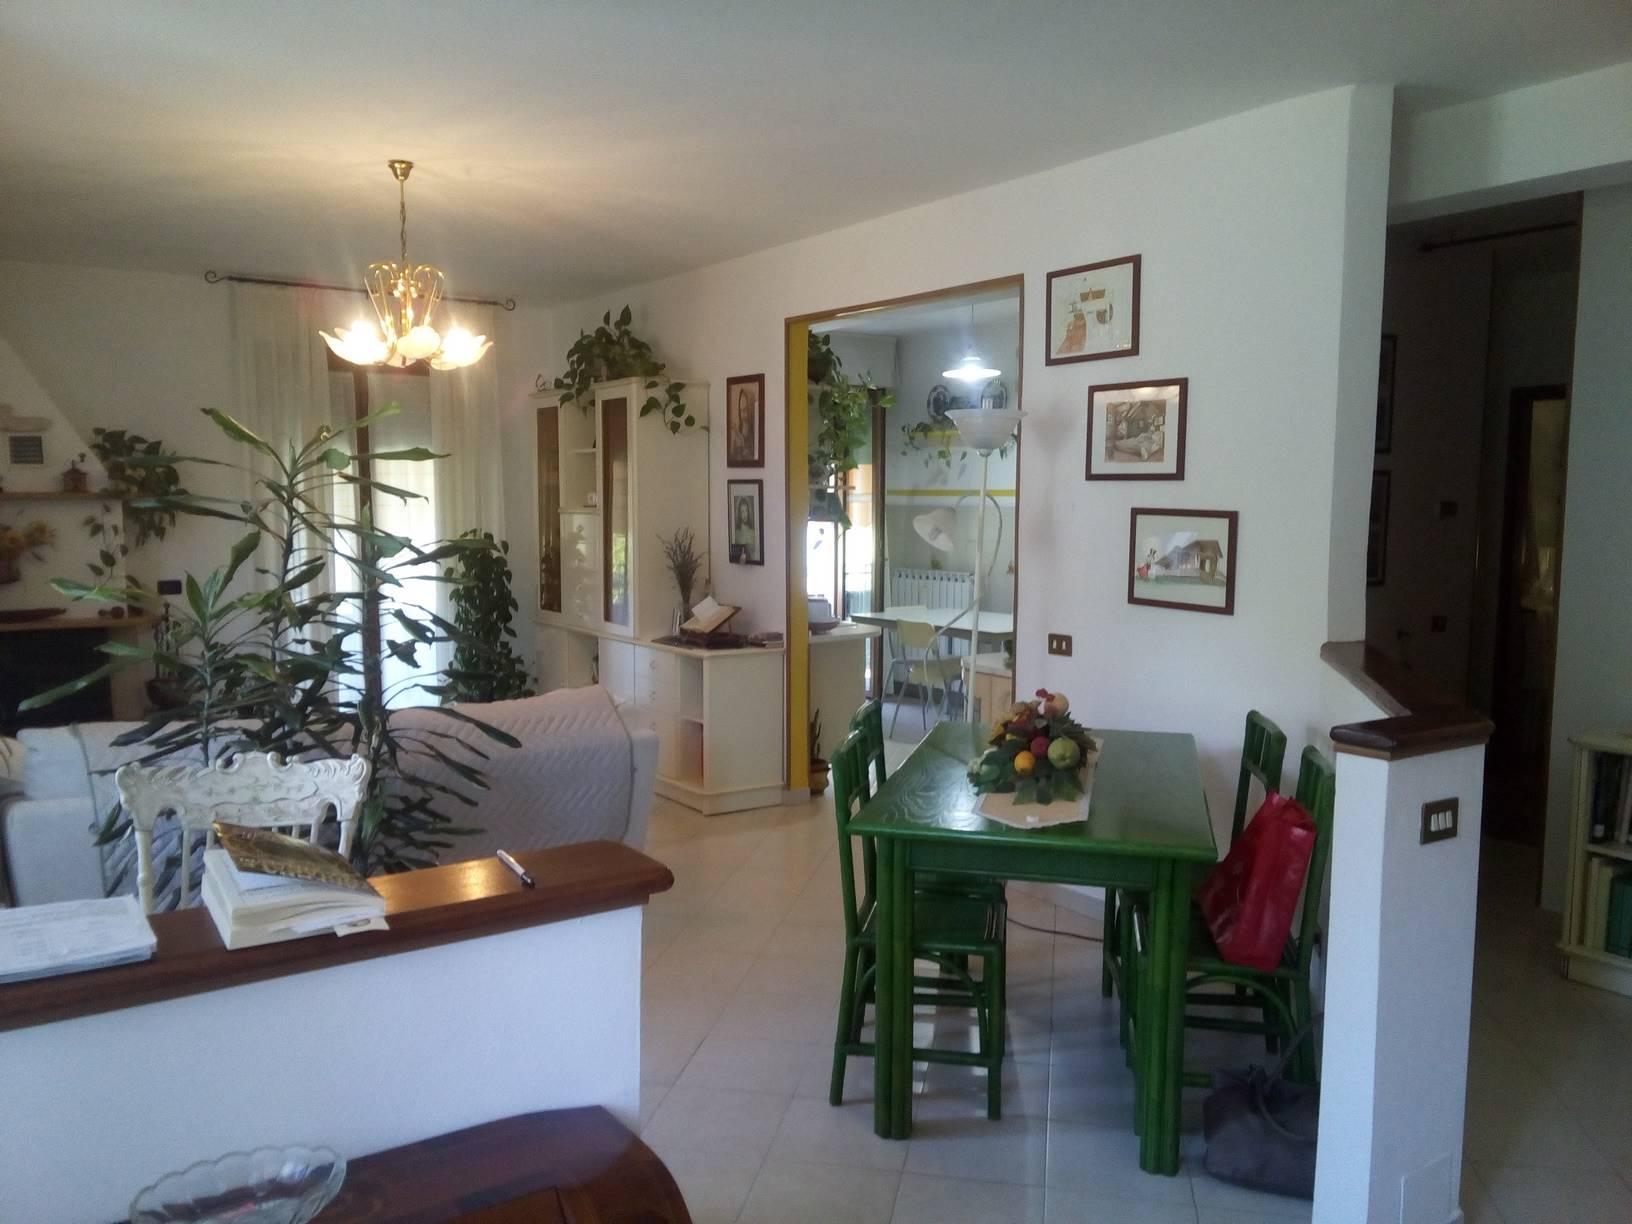 Appartamento in vendita a Riccò del Golfo di Spezia, 6 locali, zona Località: VALGRAVEGLIA, prezzo € 175.000 | CambioCasa.it